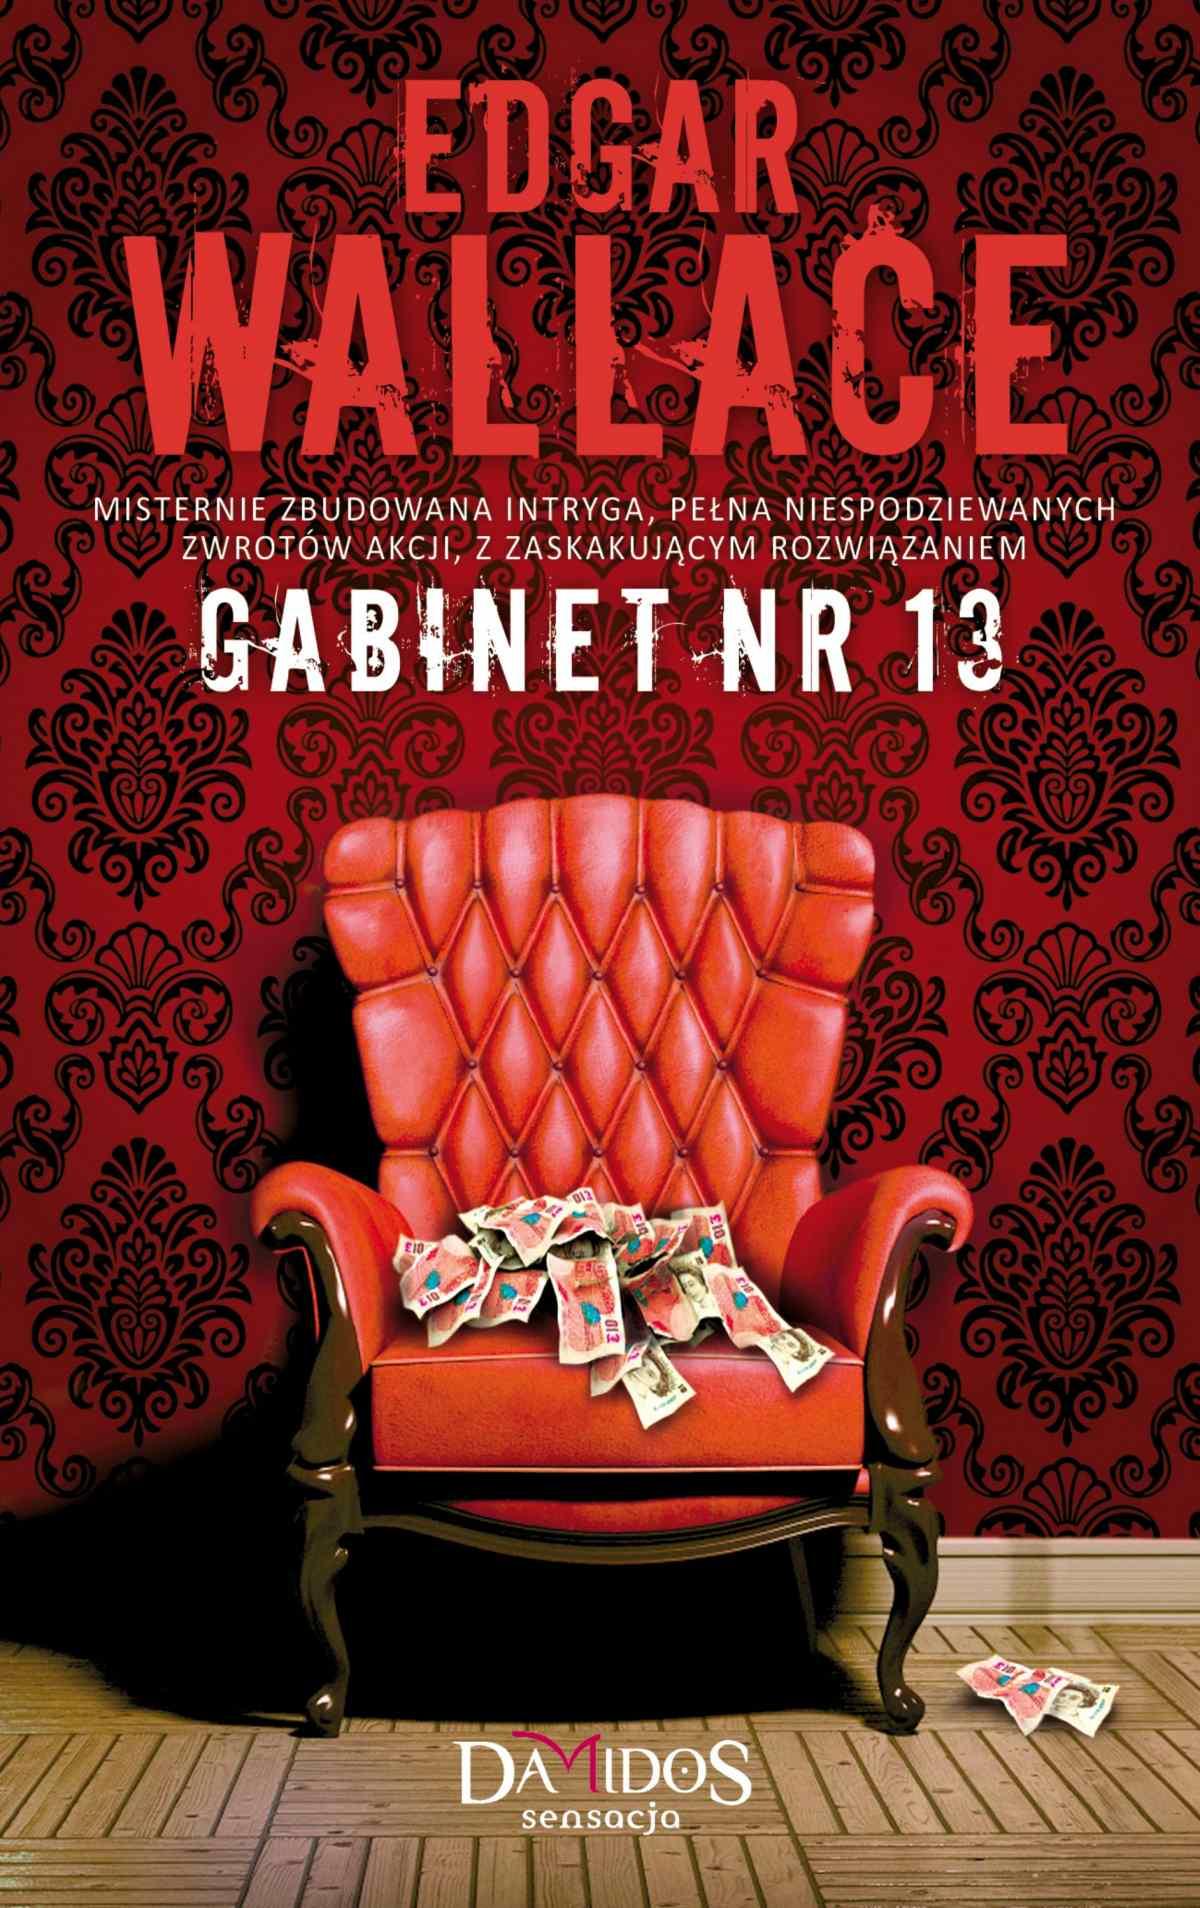 Gabinet nr 13 - Ebook (Książka EPUB) do pobrania w formacie EPUB